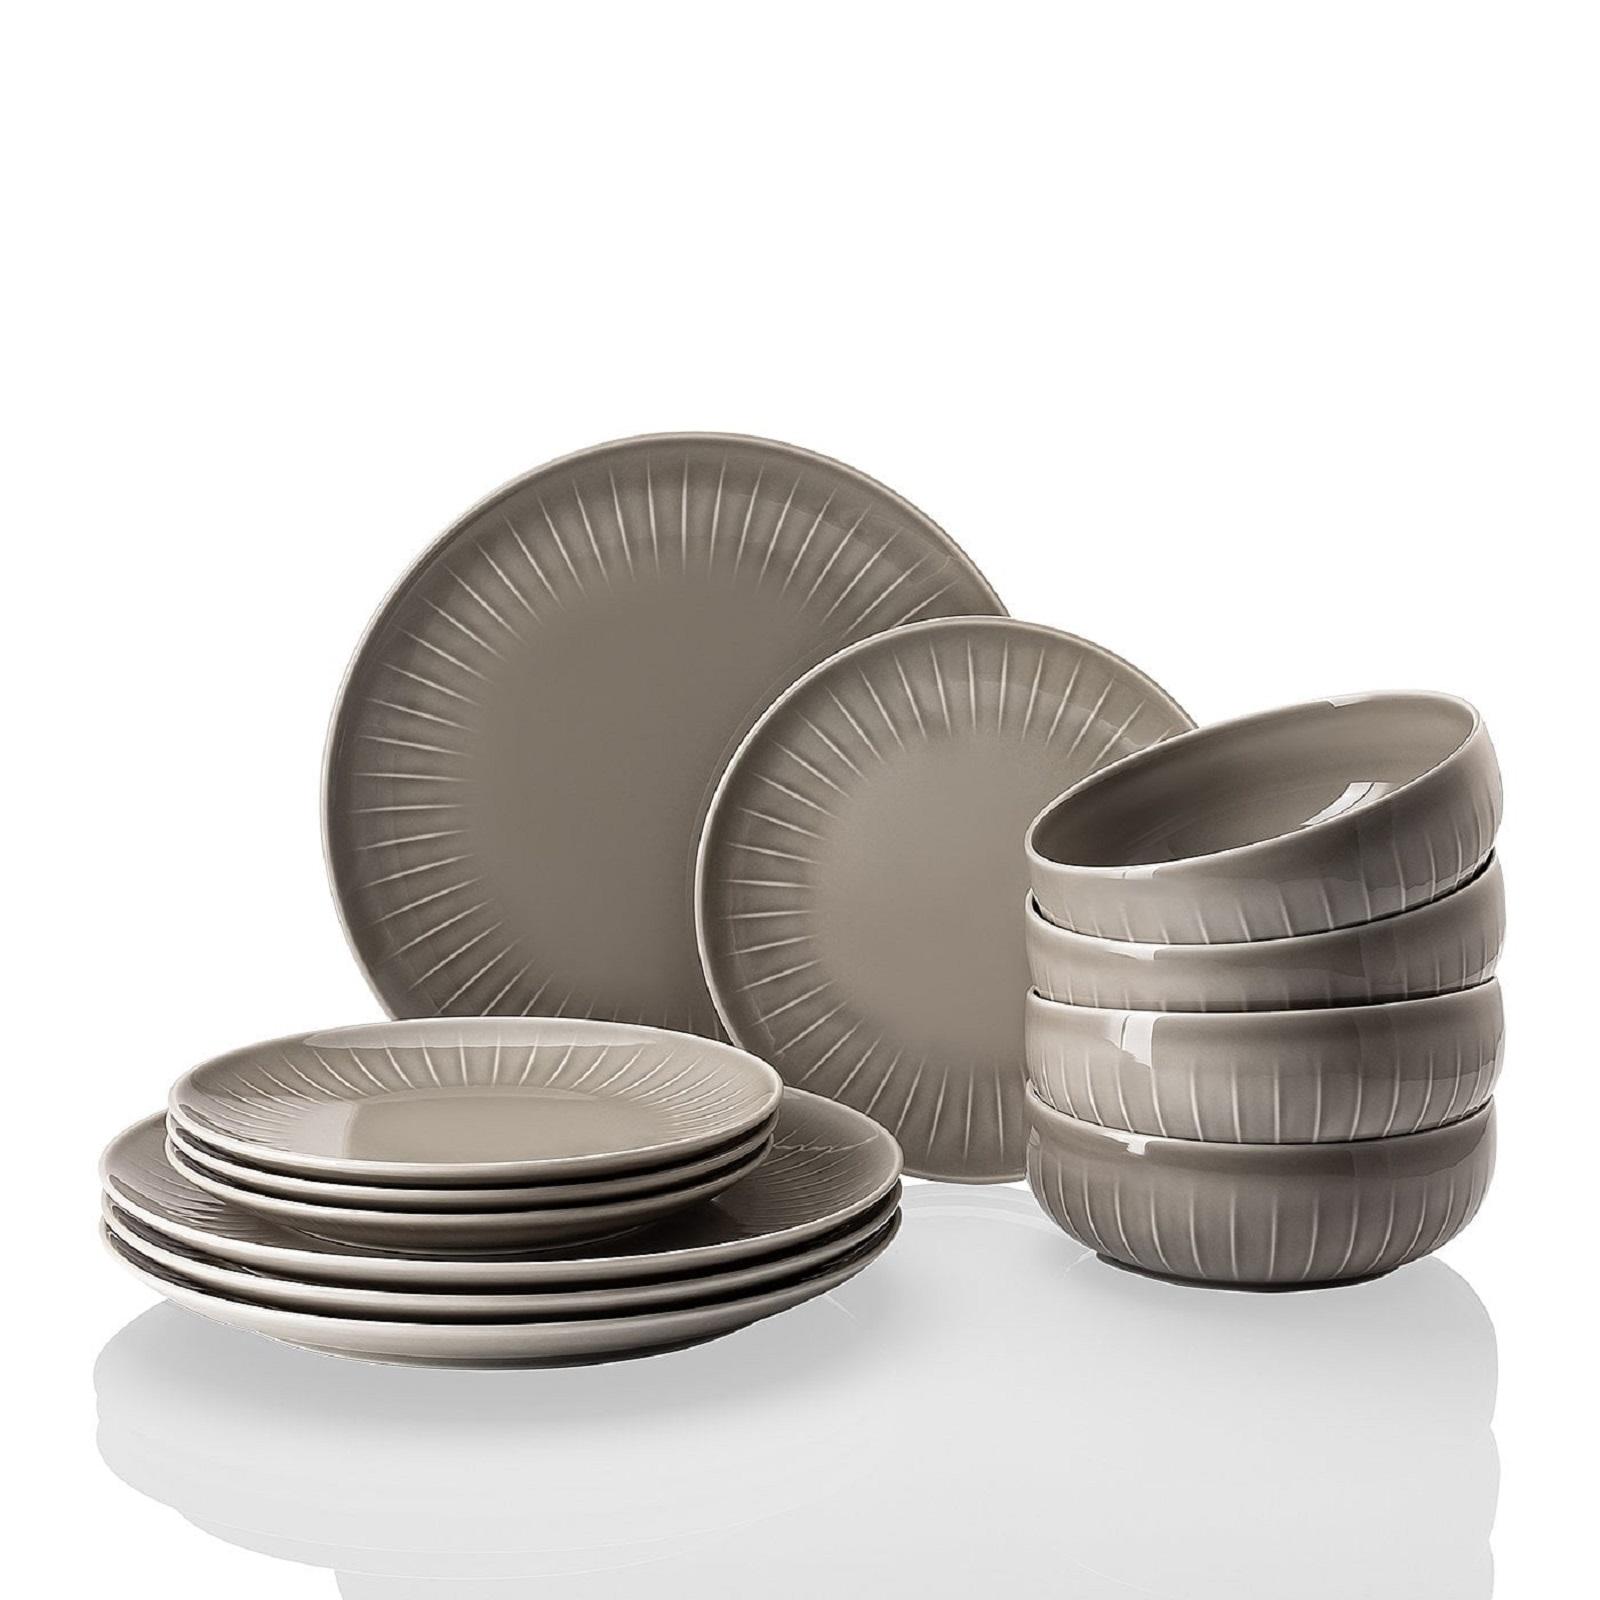 Онлайн каталог PROMENU: Набор посуды столовой Arzberg JOYN, серый, 12 предметов  44020-640202-28650